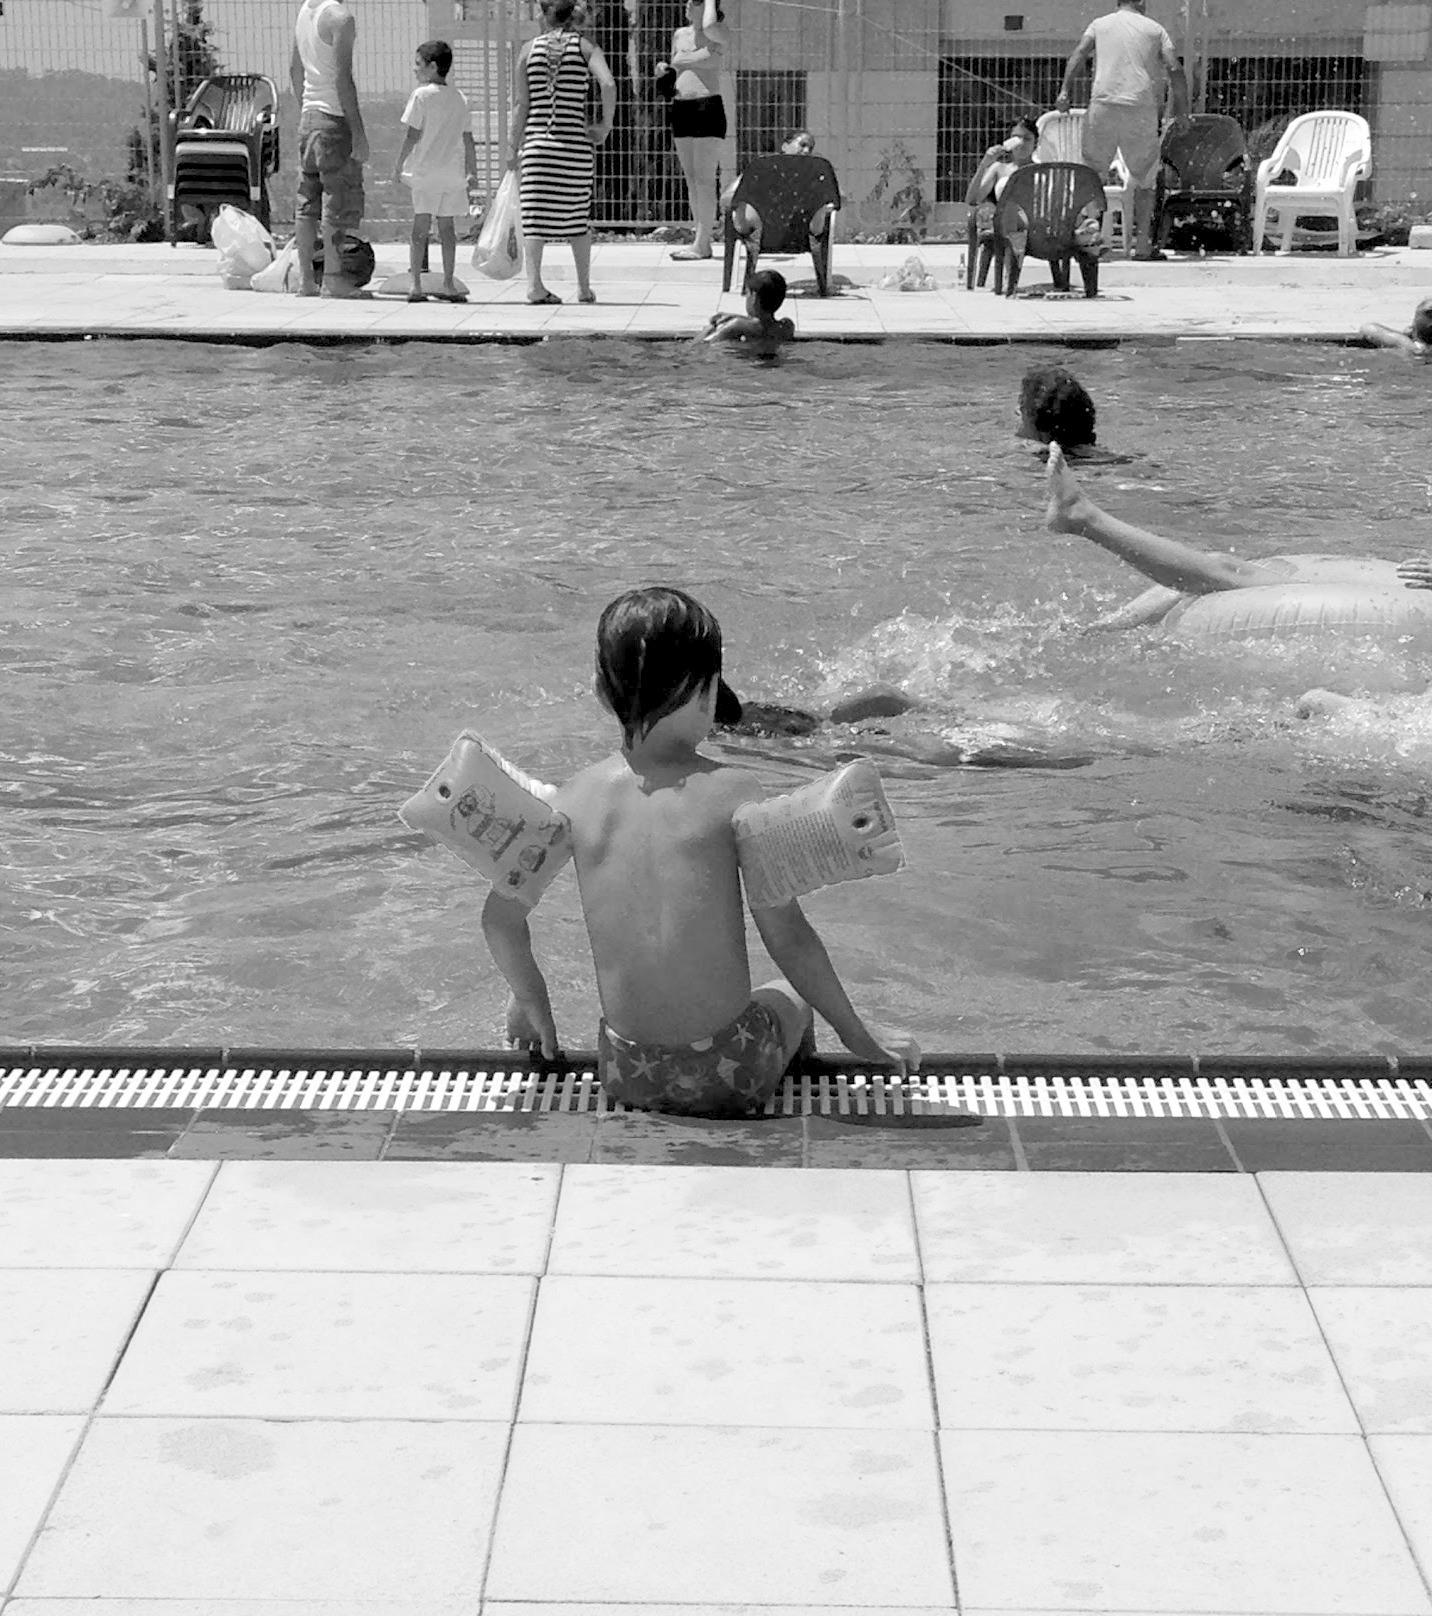 10 gruende warum ich das freibad hasse, Freibad, Sommer, Schwimmen, Schwimmbad, Kinder